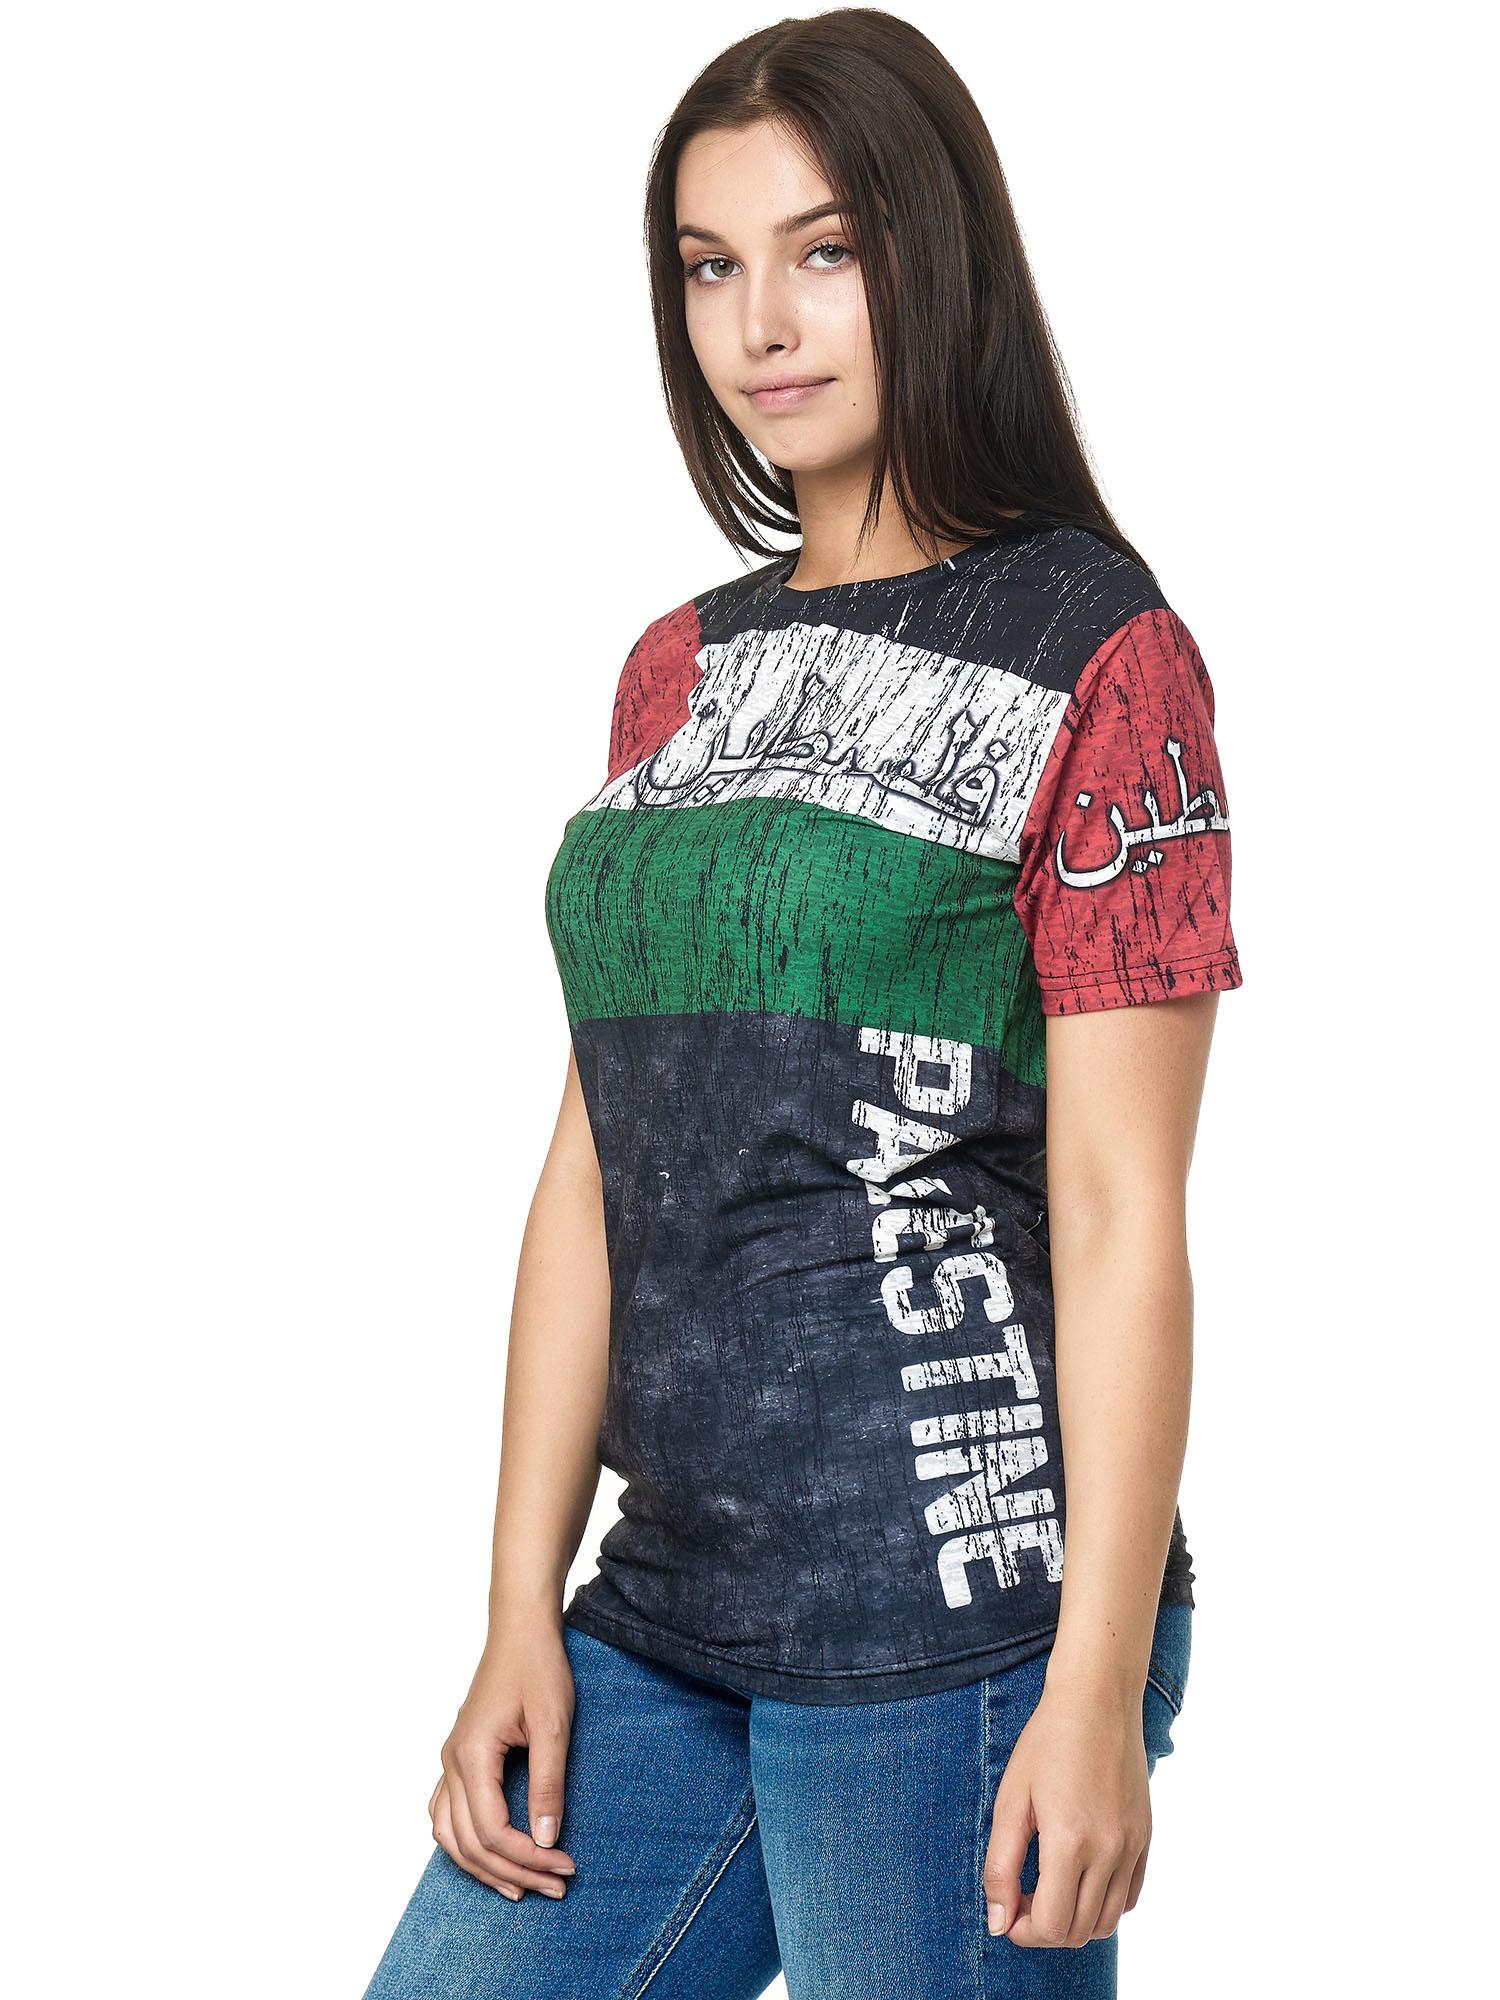 Paesi-da-Donna-T-shirt-A-Maniche-Corte-Girocollo-donne-CALCIO-Fanshirt-John-Kayna miniatura 87